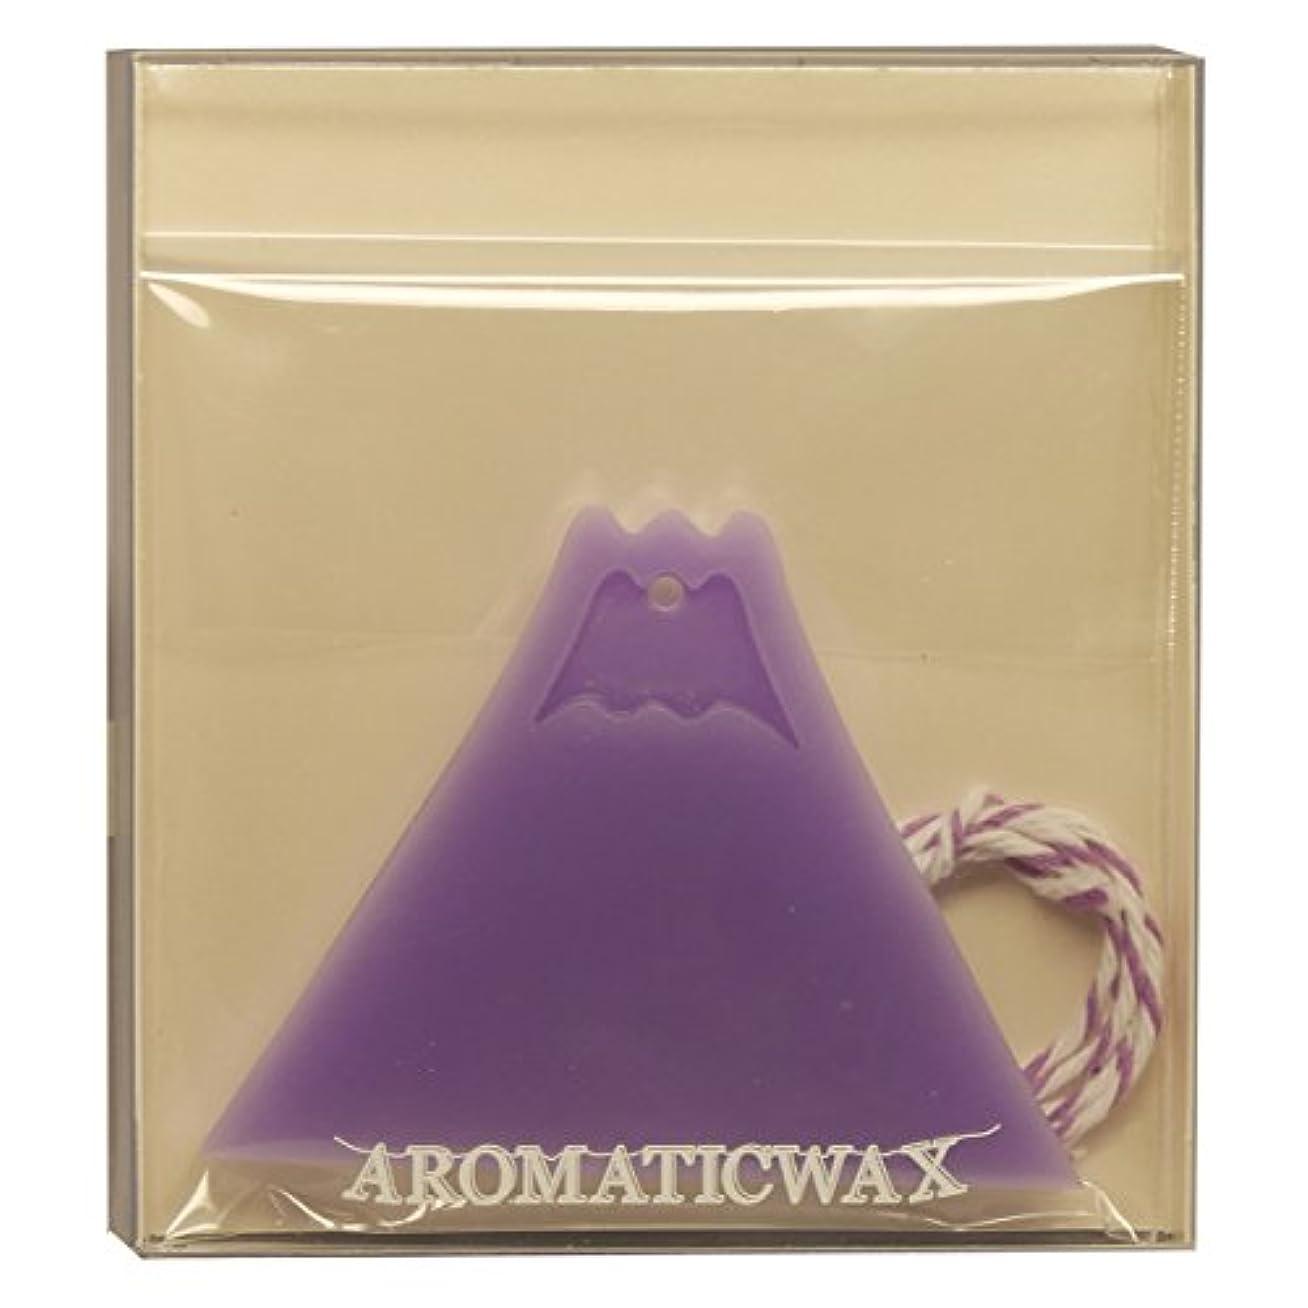 テクトニック評議会までGRASSE TOKYO AROMATICWAXチャーム「富士山」(PU) ラベンダー アロマティックワックス グラーストウキョウ